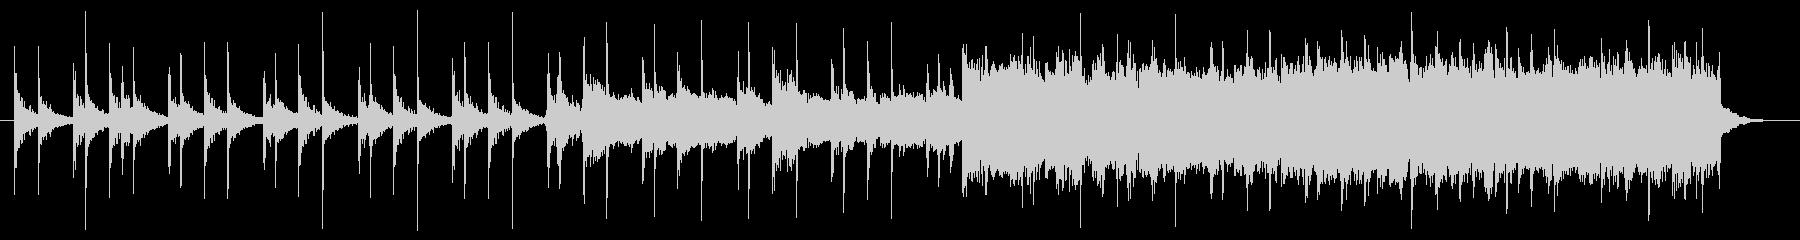 CM向けロックアンセム30秒歌tmb無版の未再生の波形